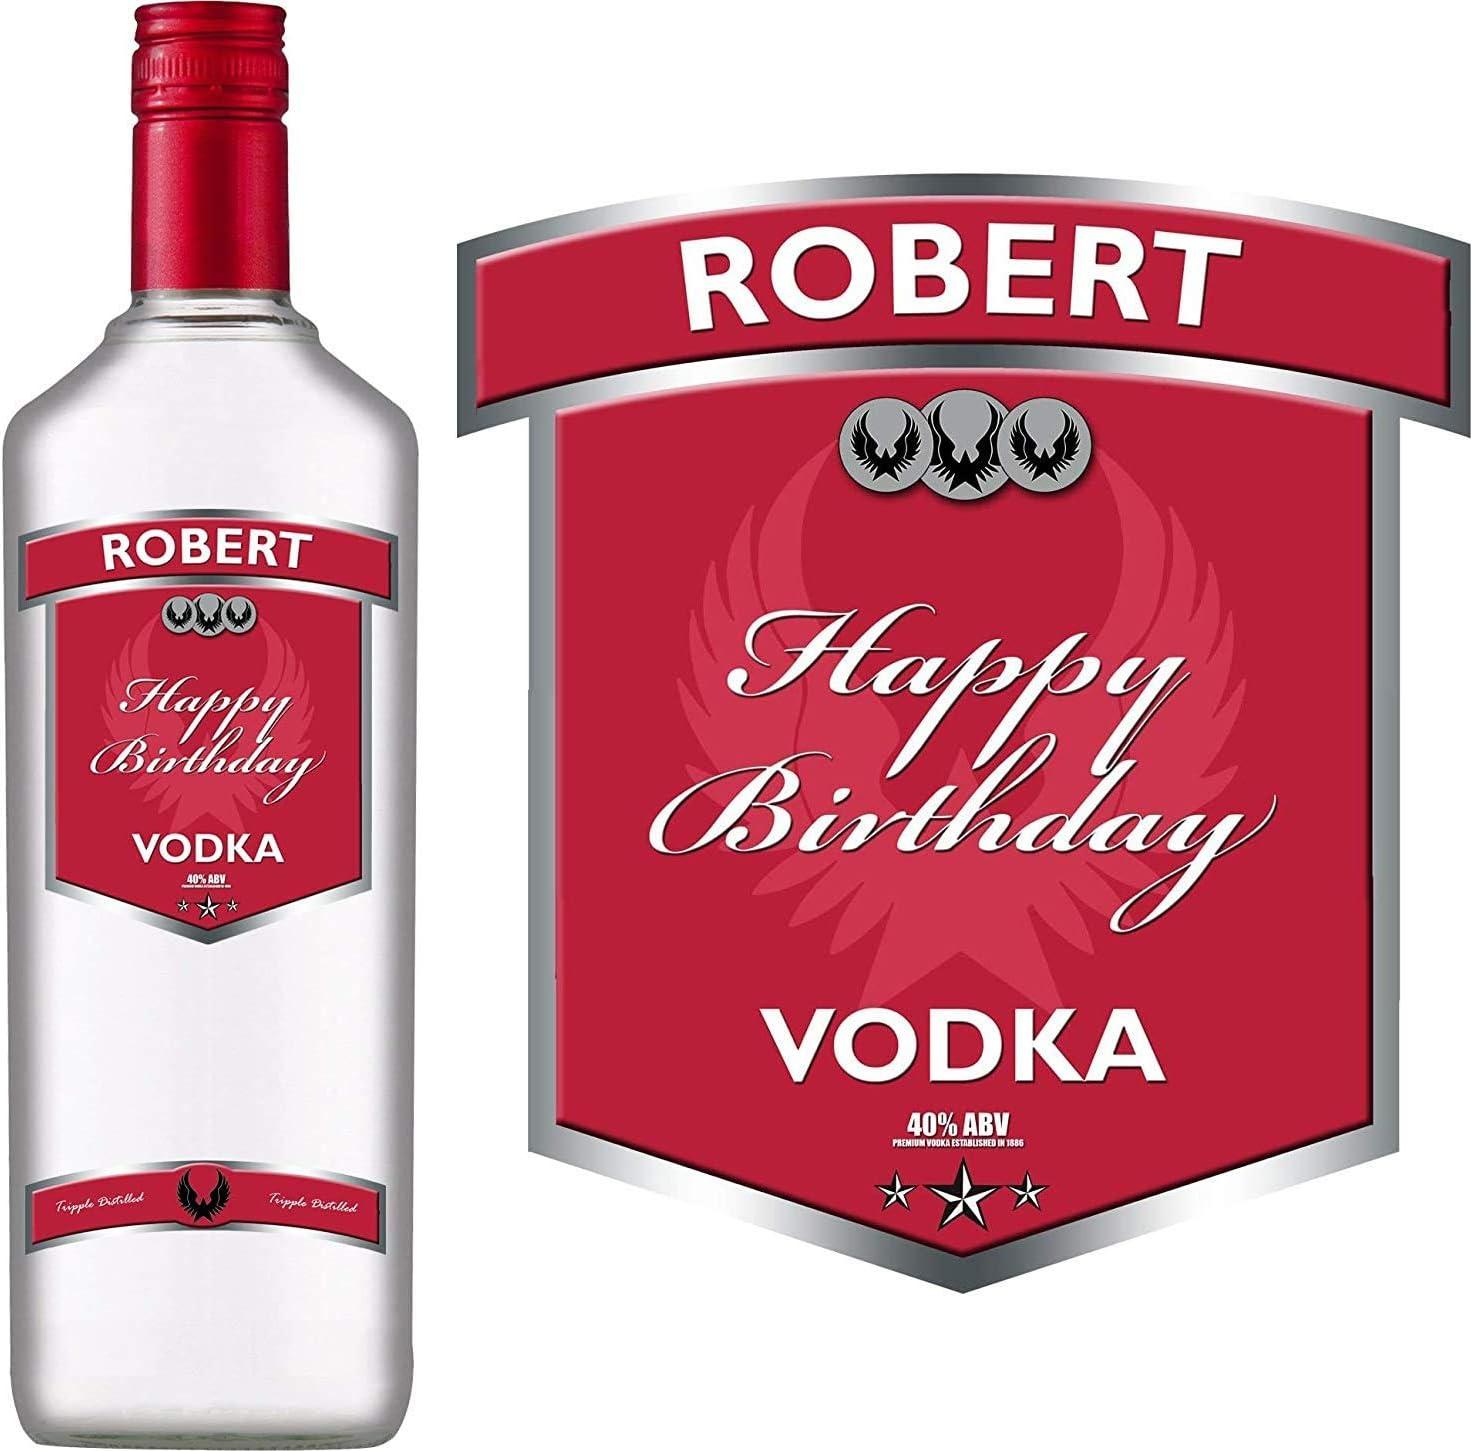 Party People 1 x Etiqueta DE Botella DE Vodka Personalizada ...